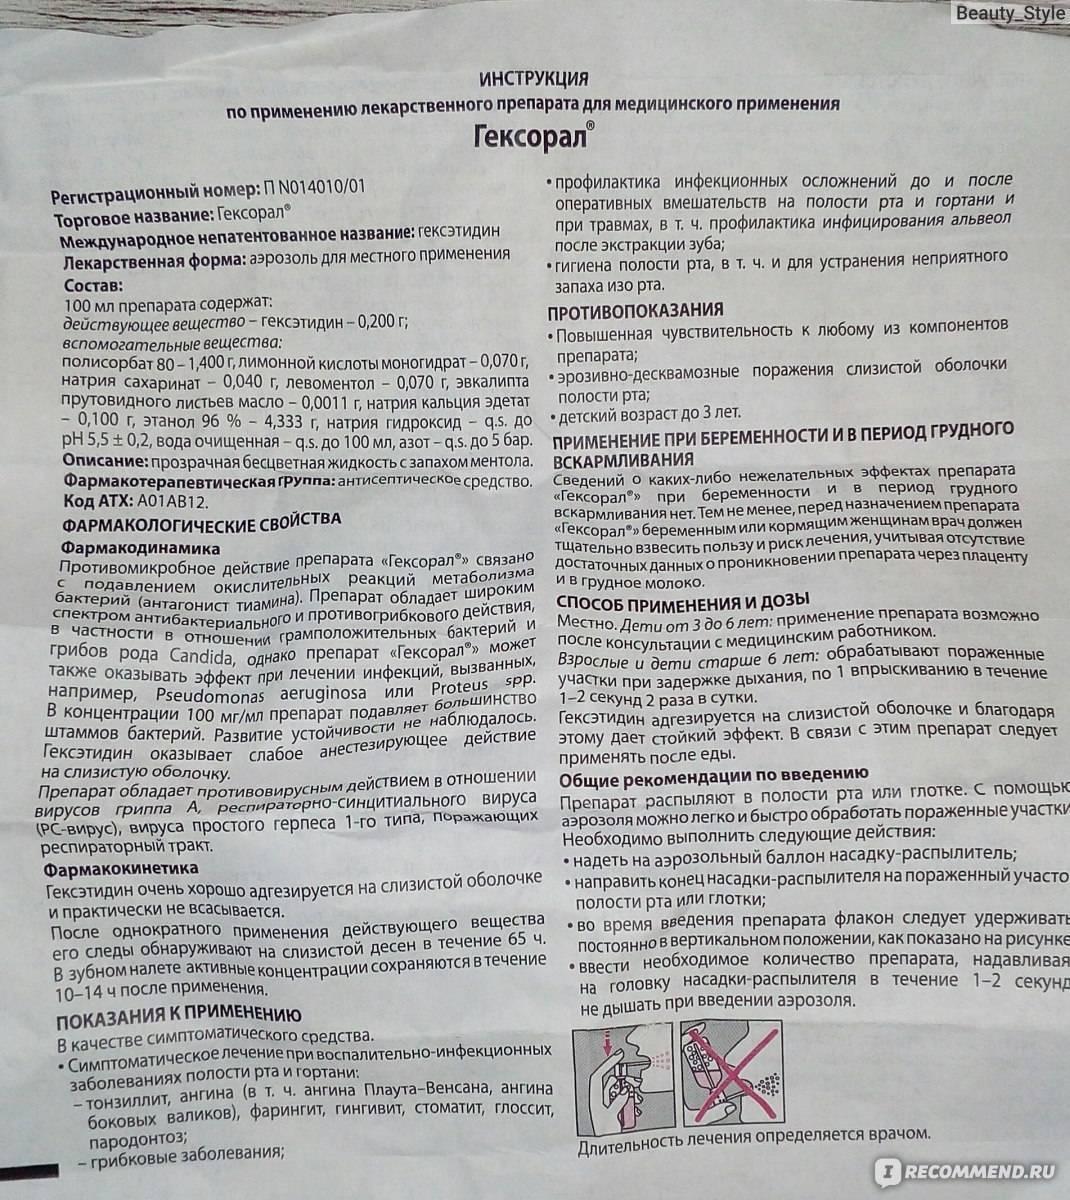 Гексорал для детей: инструкция по применению детского препарата, отзывы, для детей до 3 лет, аналоги